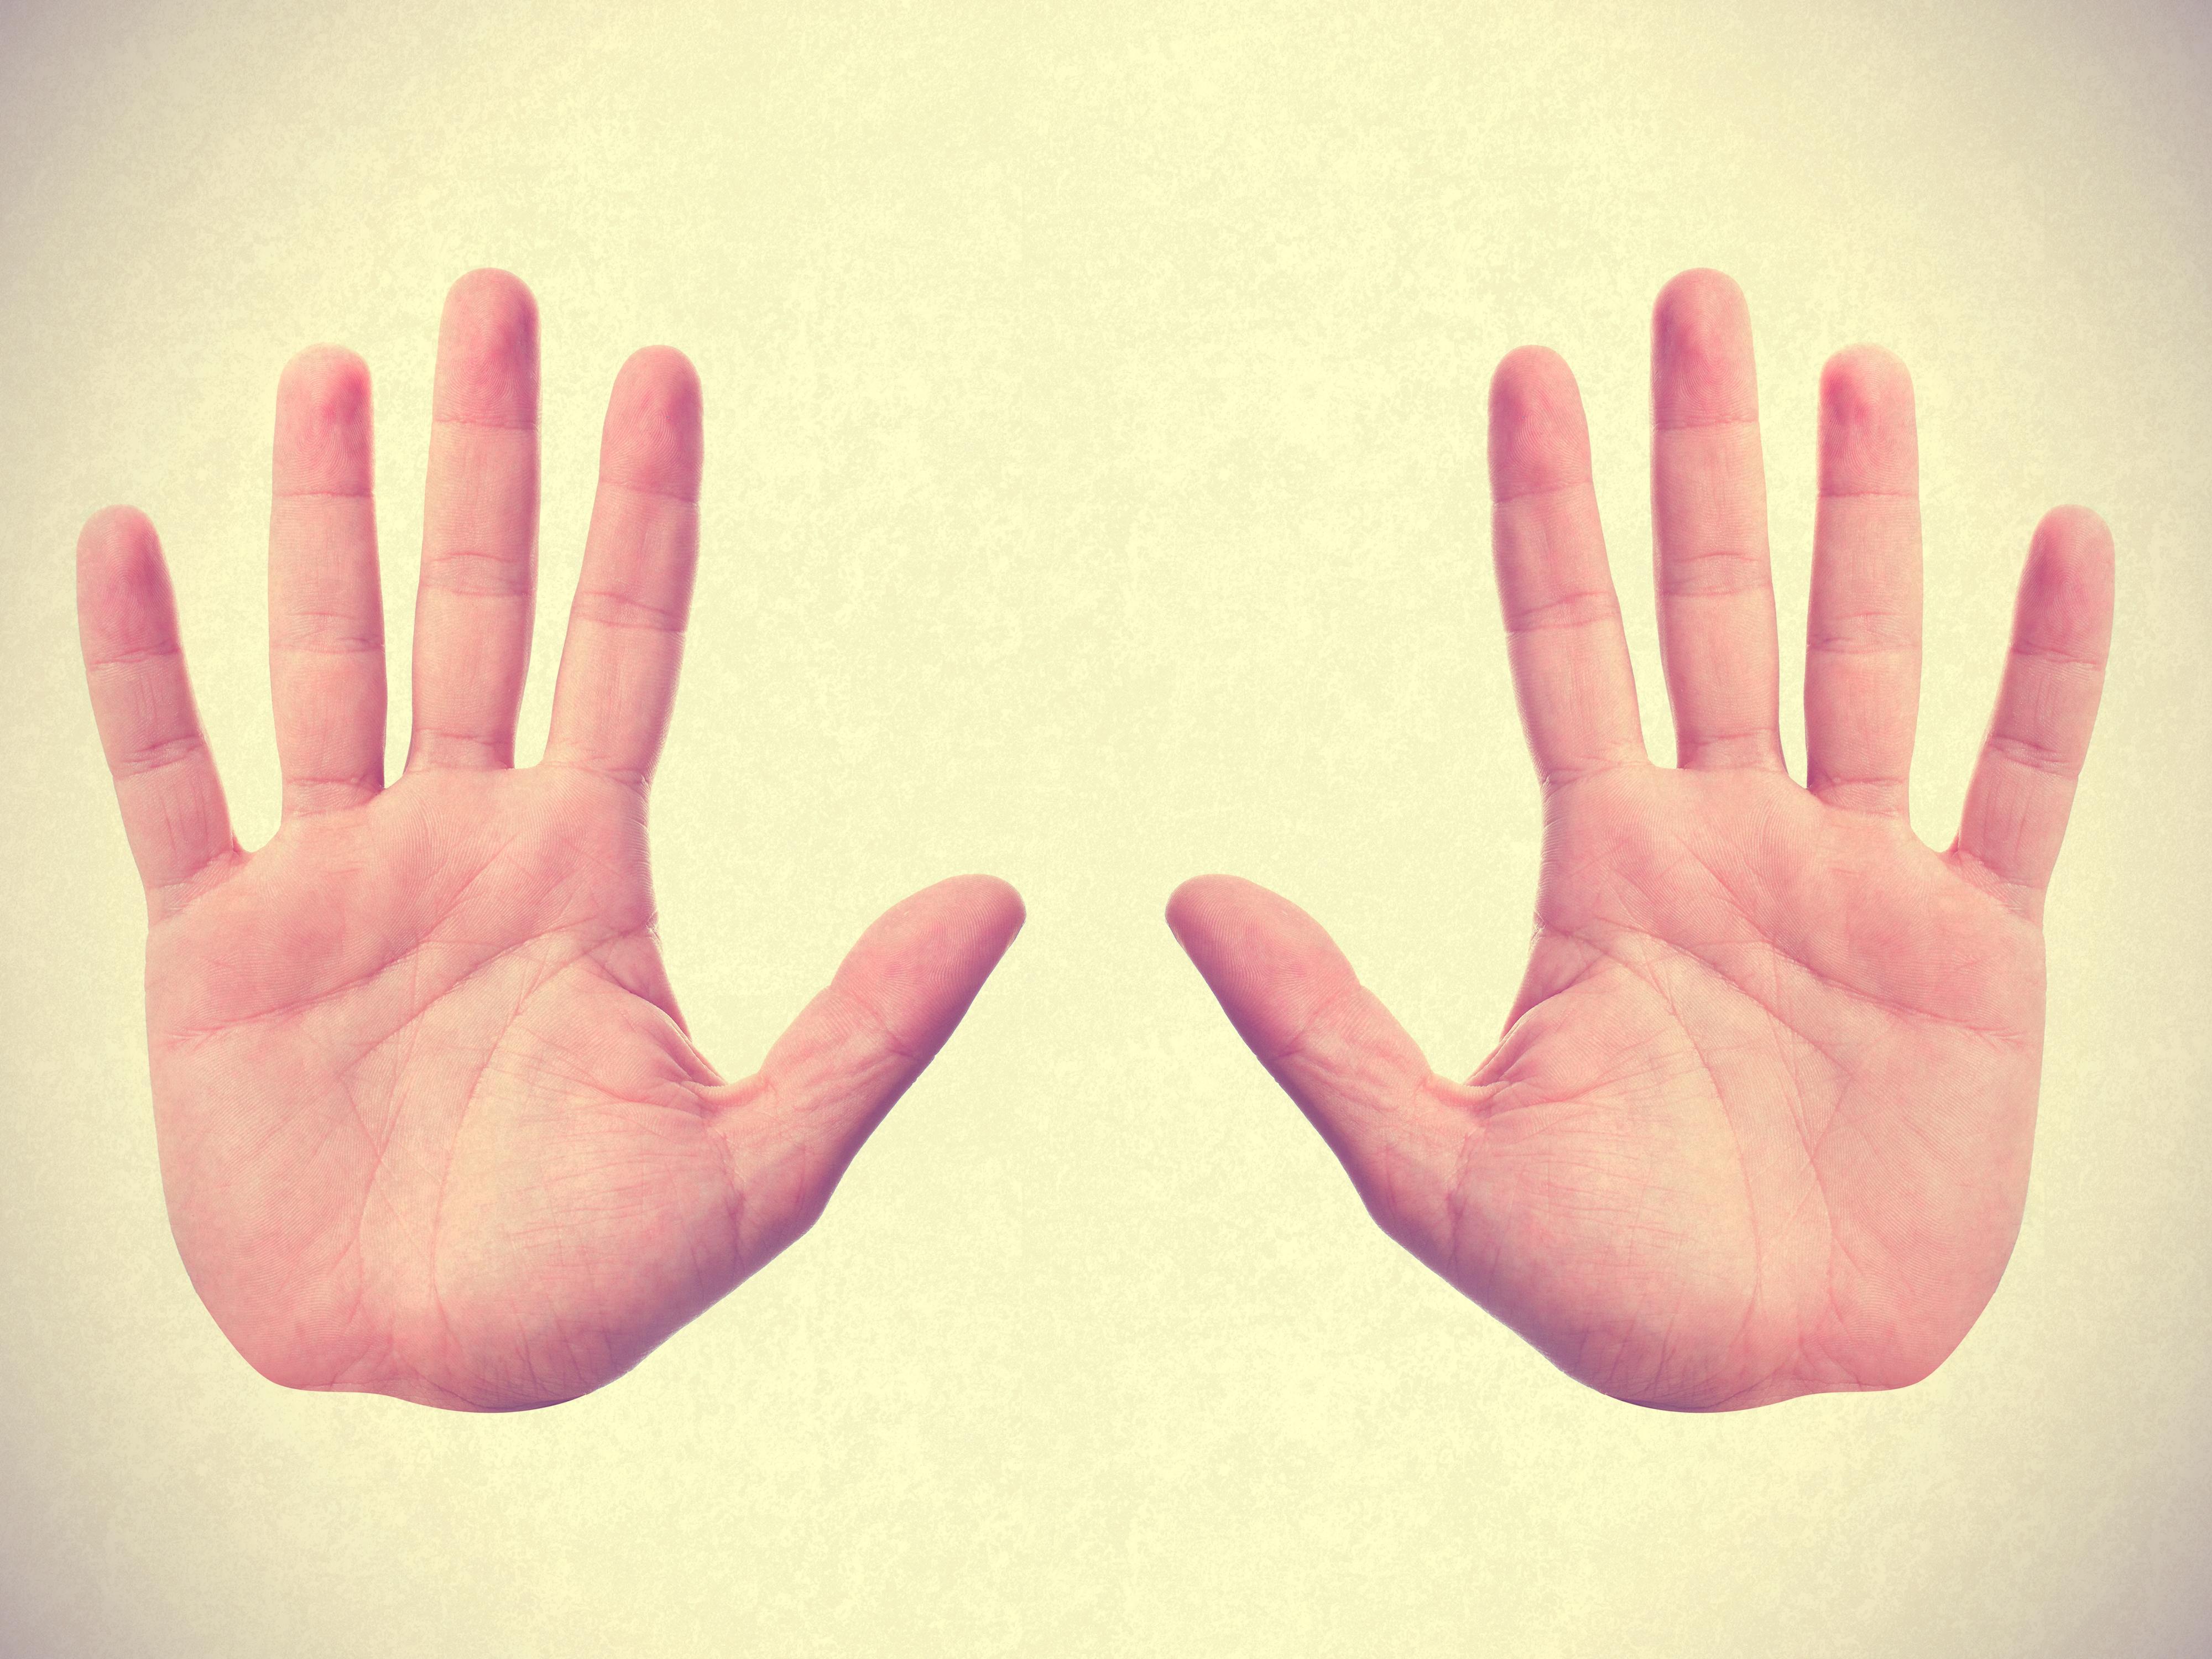 Quer saber se uma pessoa é fiel? Preste atenção nos dedos dela